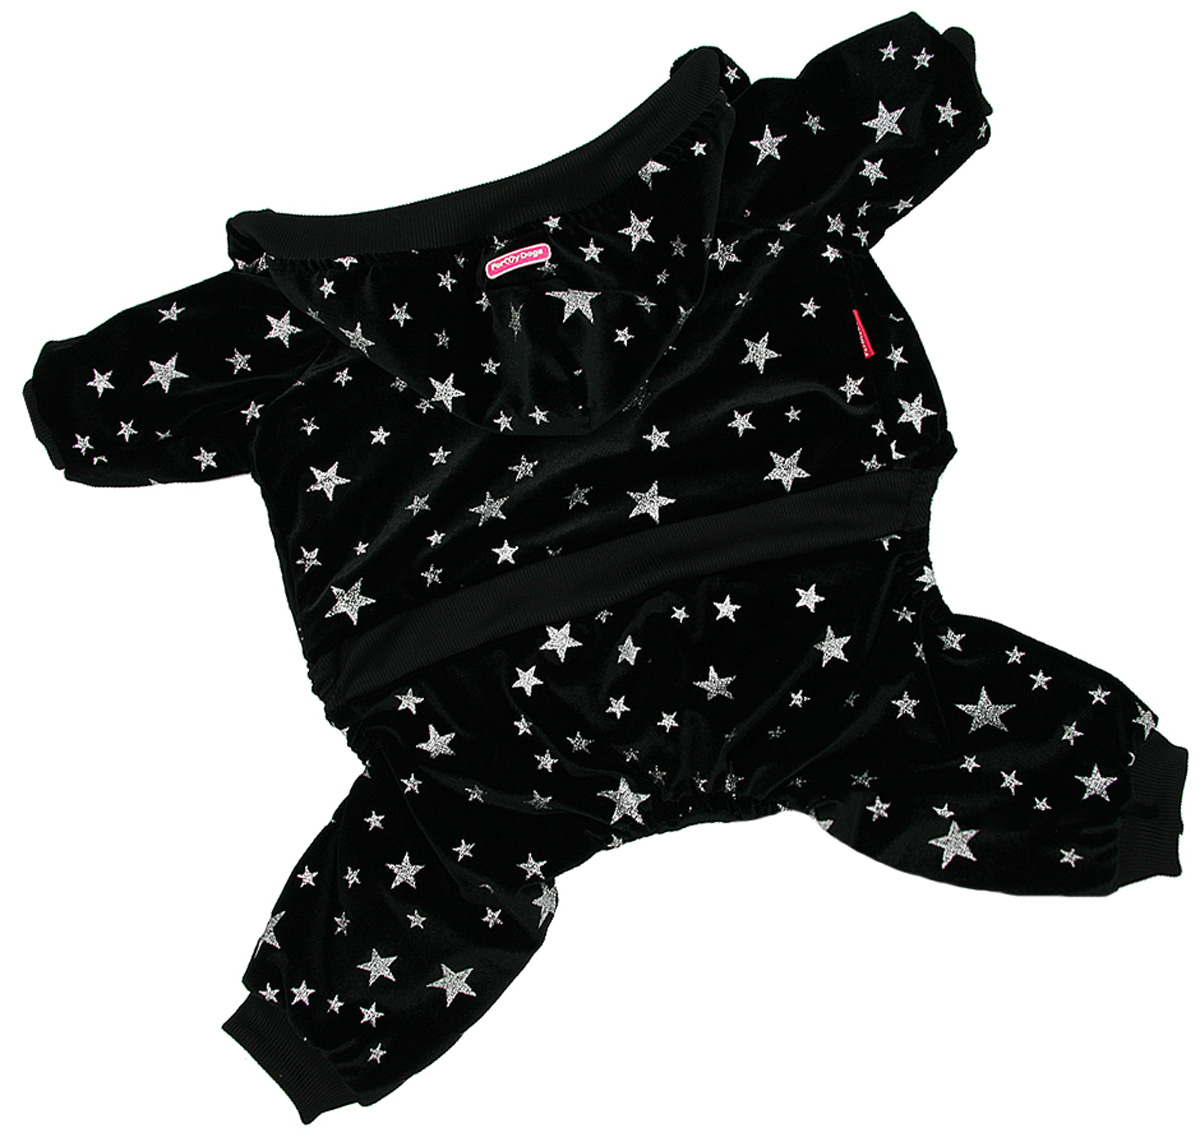 For My Dogs костюм для собак утепленный велюр черный Fw914-2020 (14)